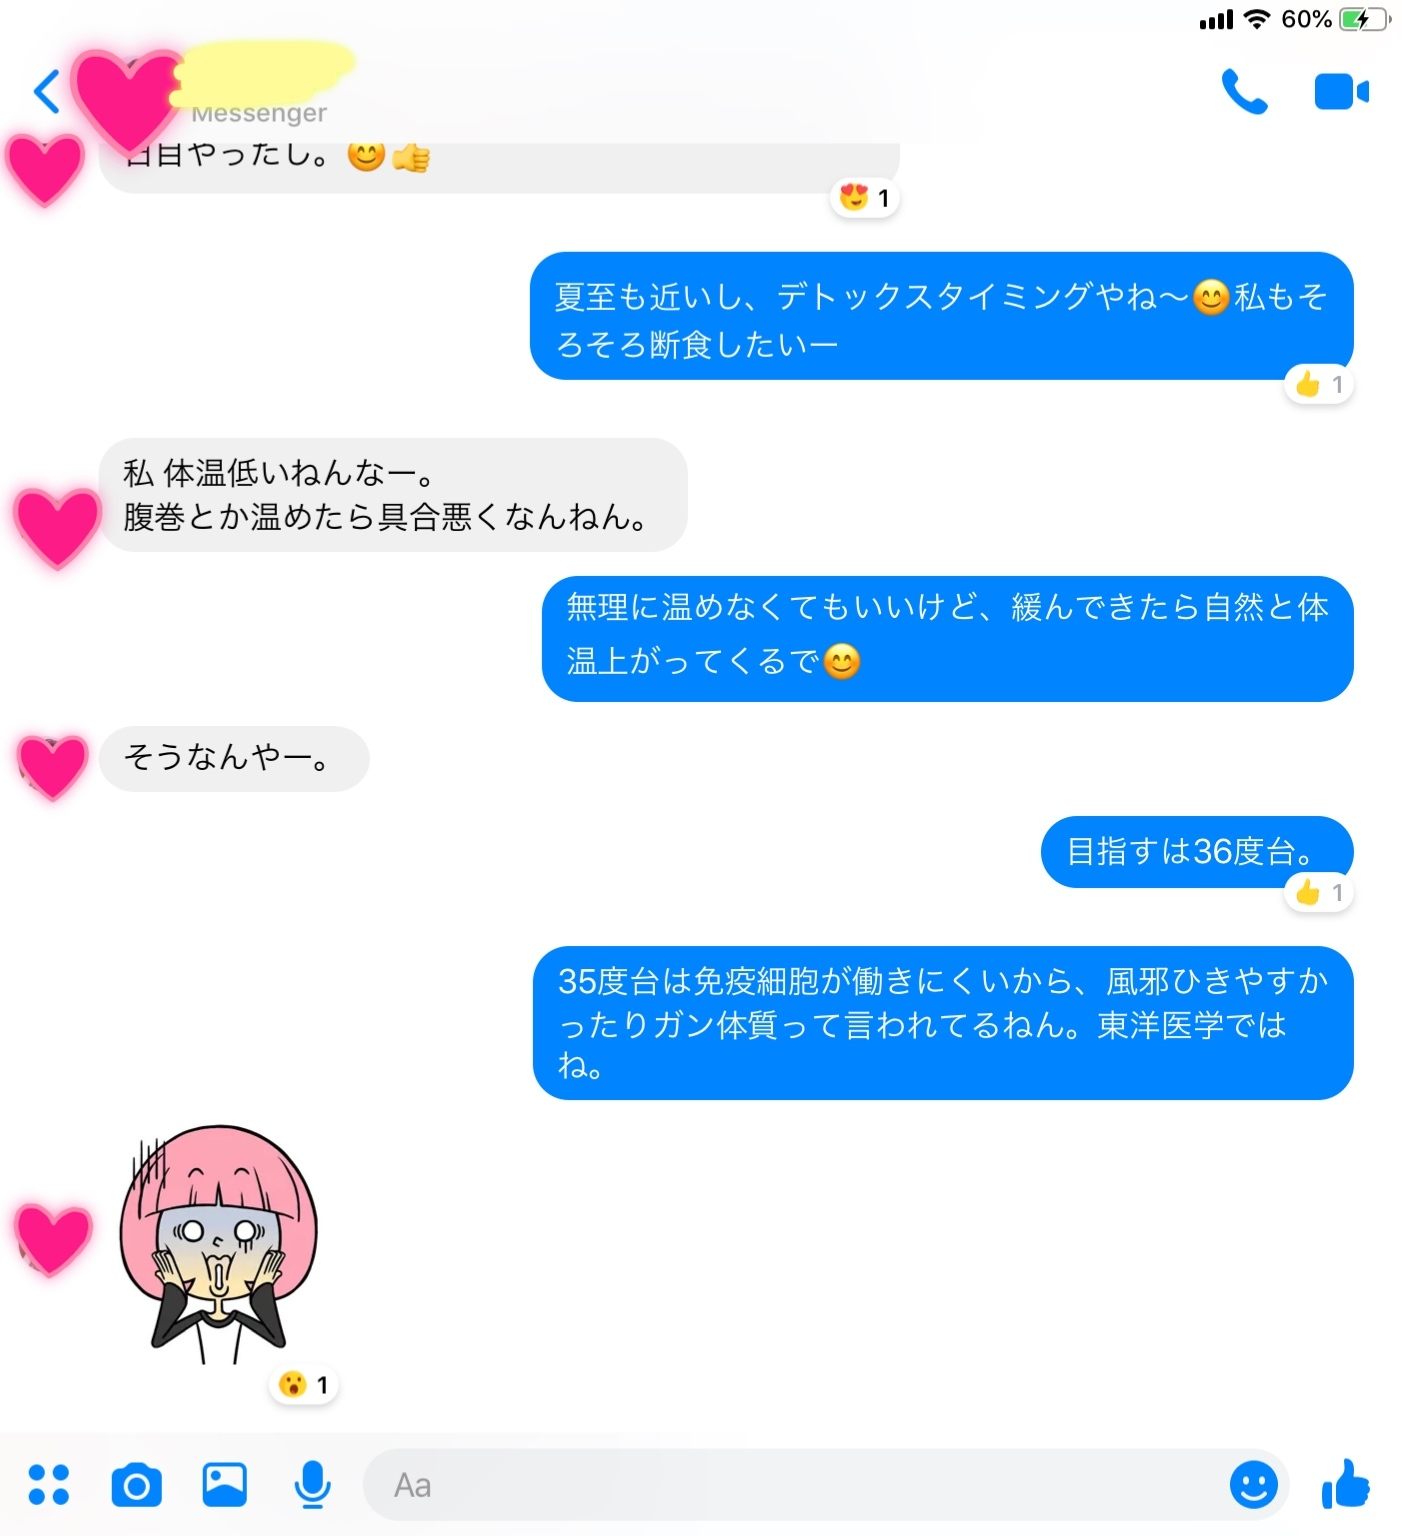 ダイエットモニター4人目〜❗️_f0337851_18223387.jpeg